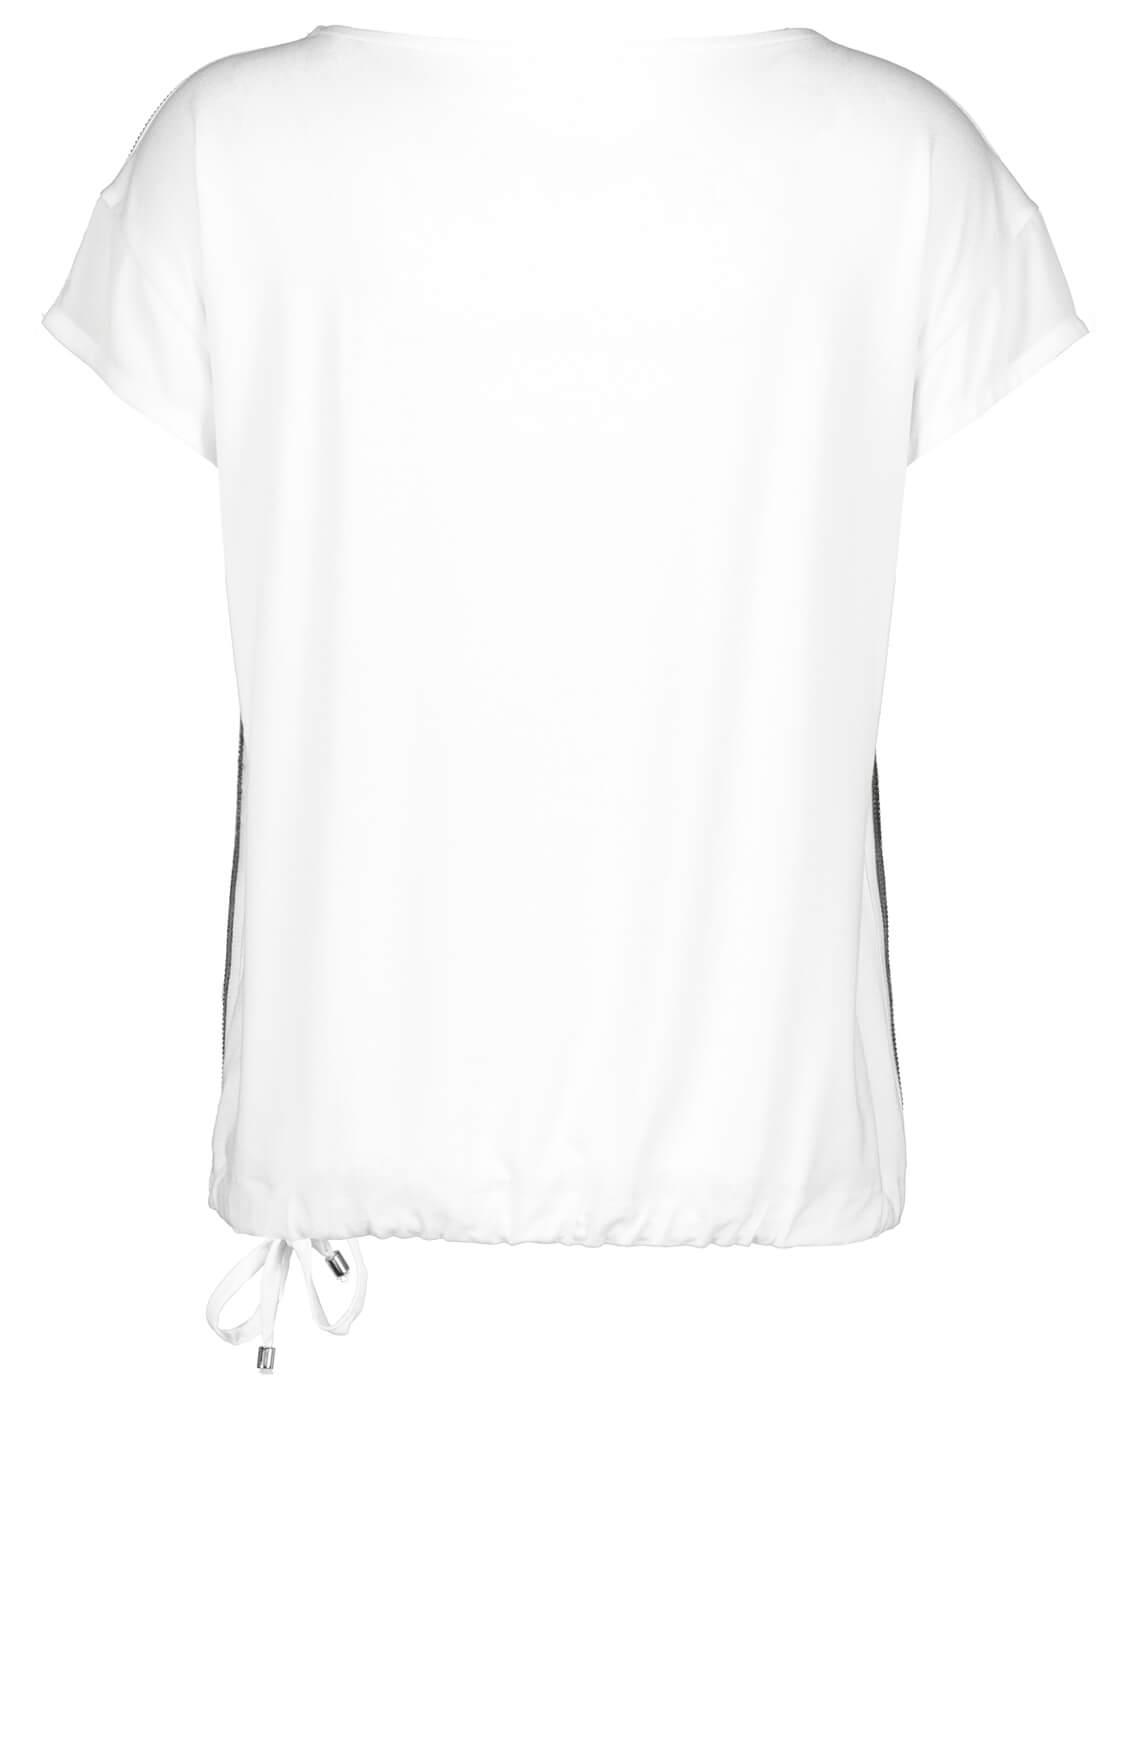 Monari Dames Shirt met bies wit